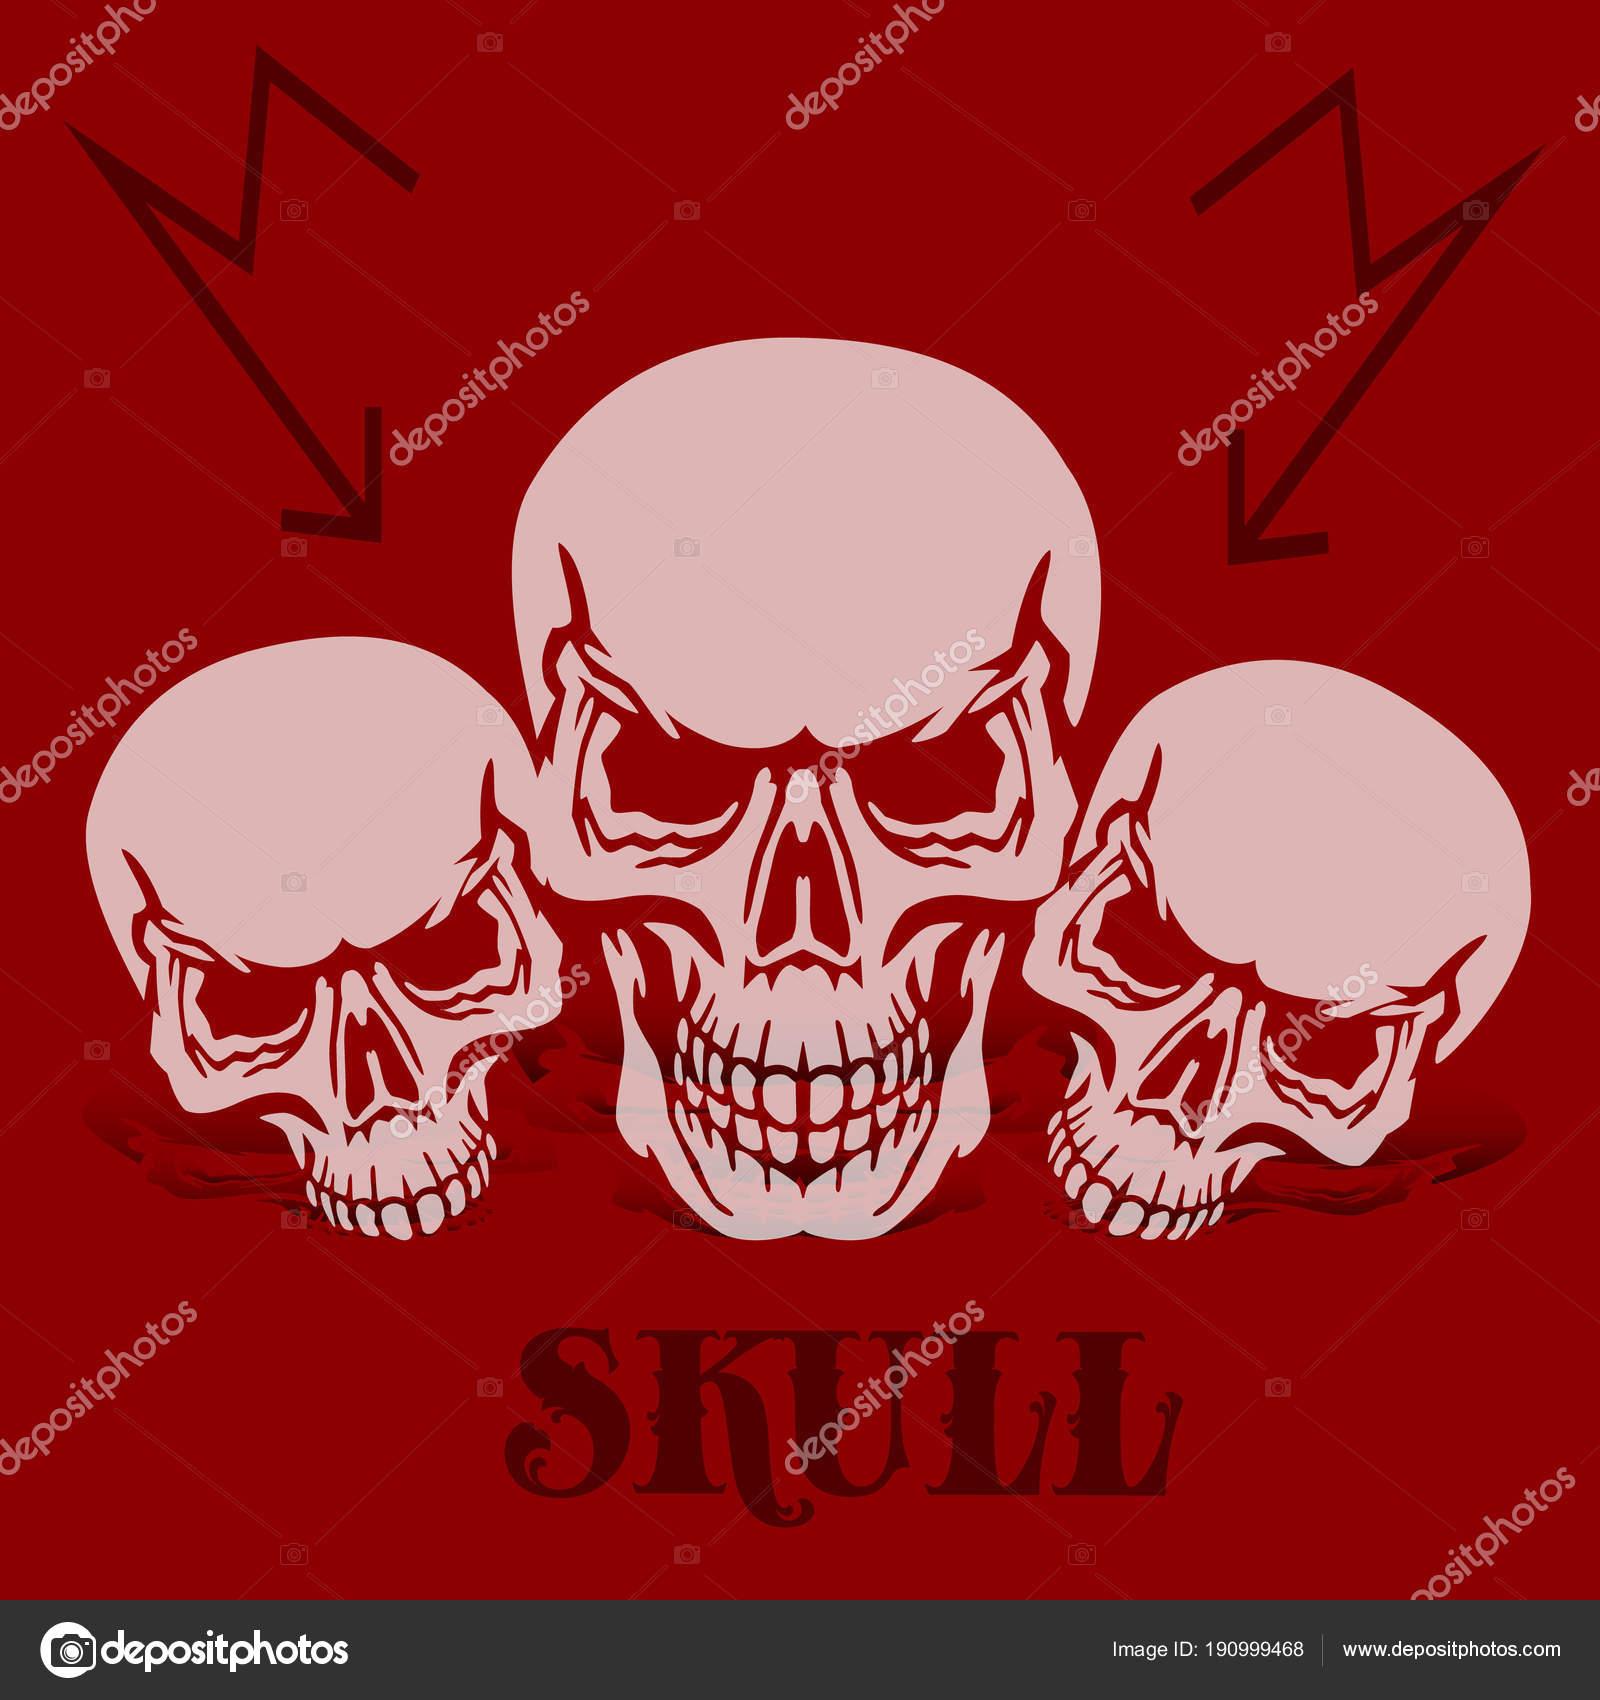 La bandera sobre un fondo rojo. Tres calaveras grises, silueta con ...